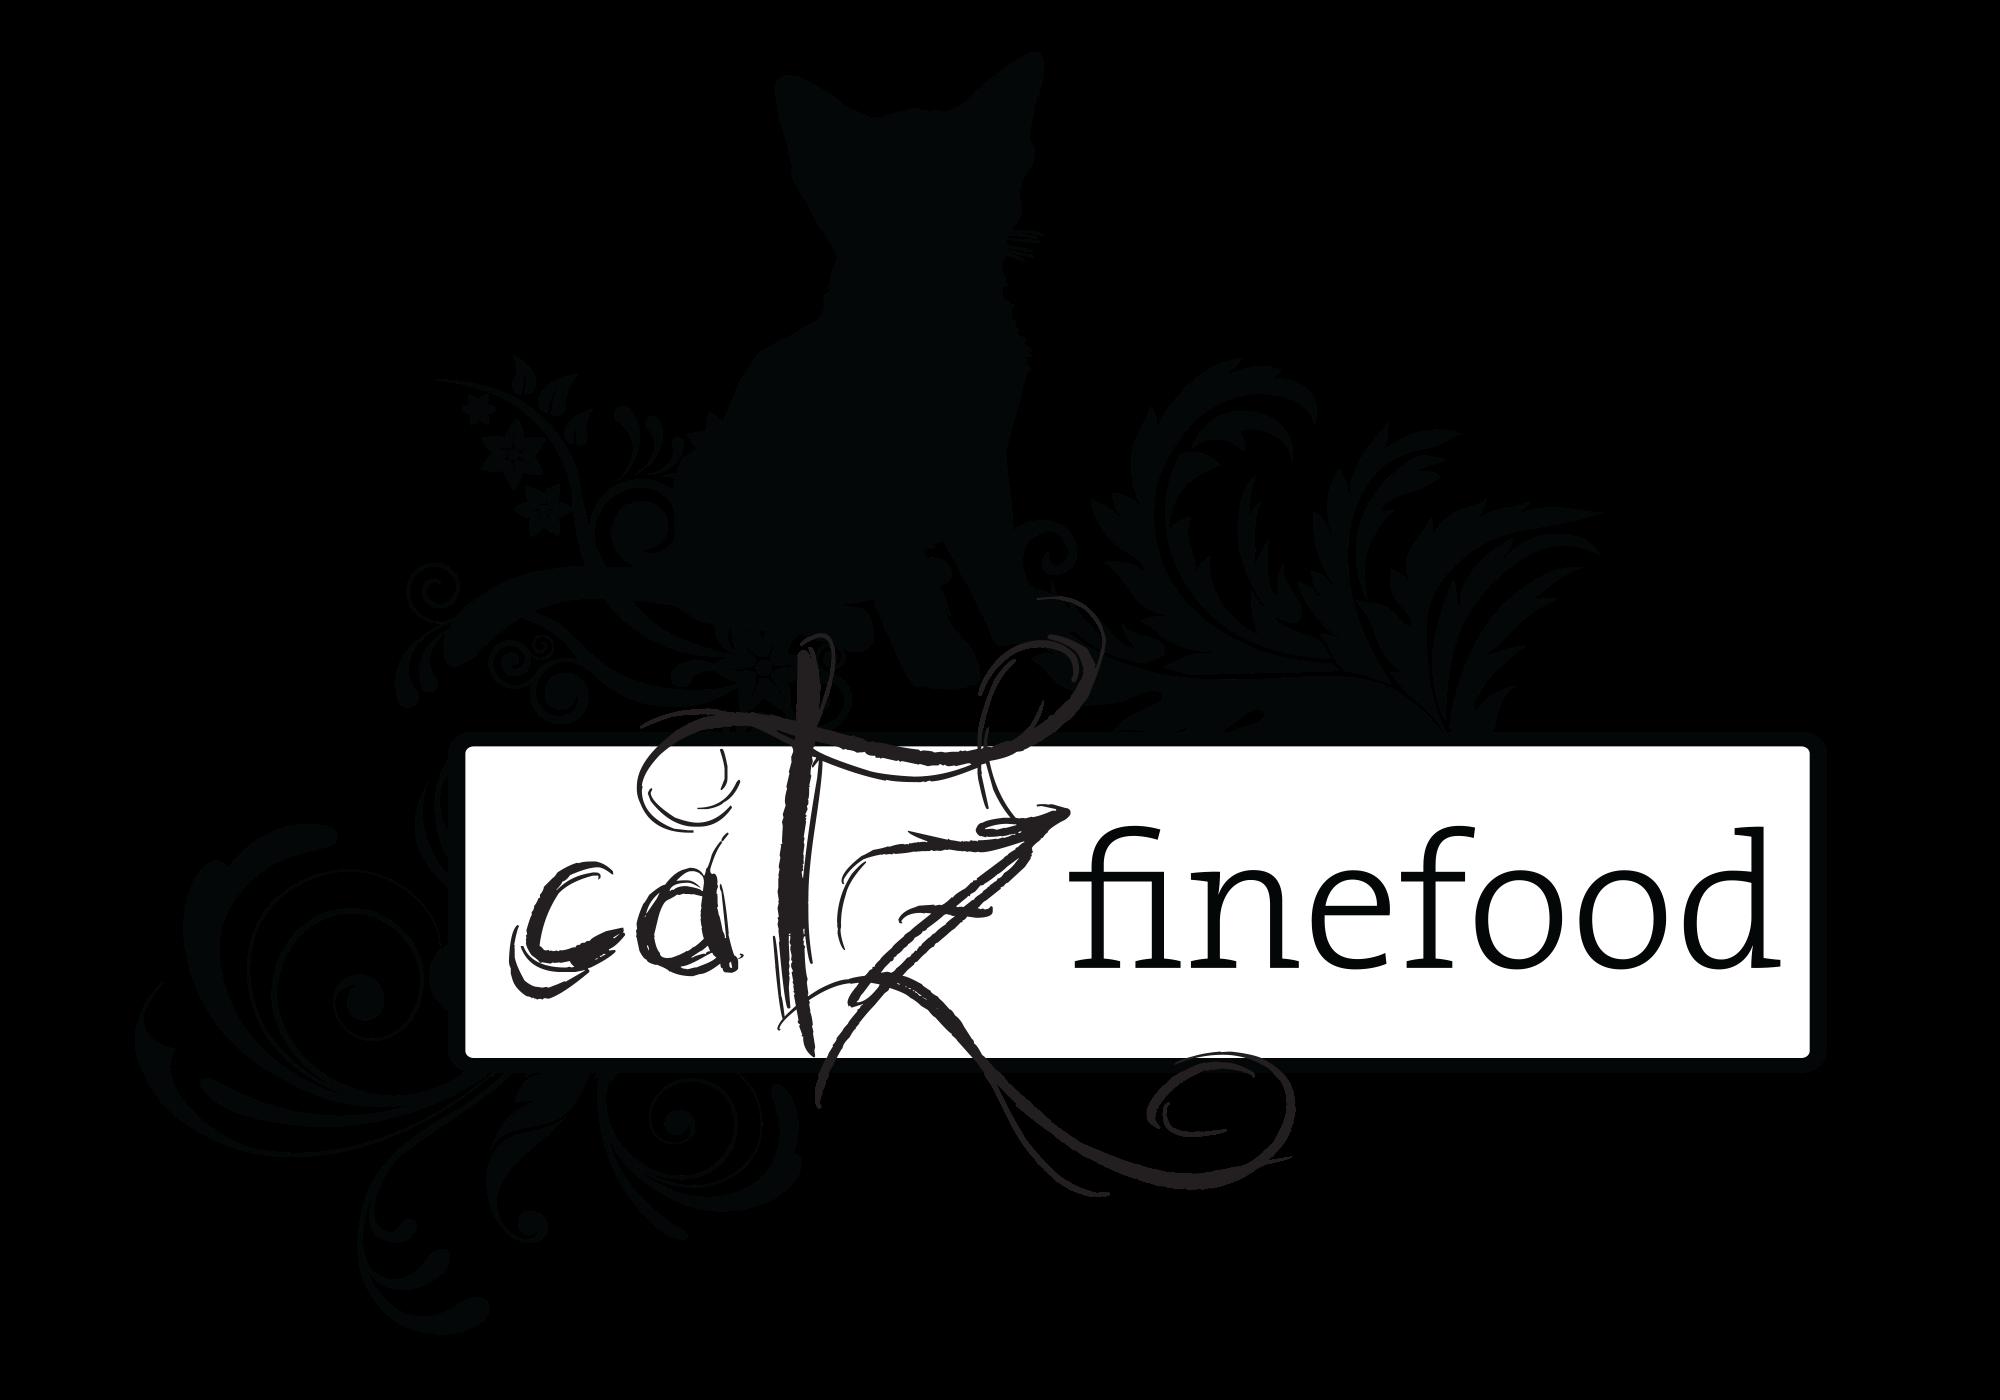 Catz Finefood Kattenvoer